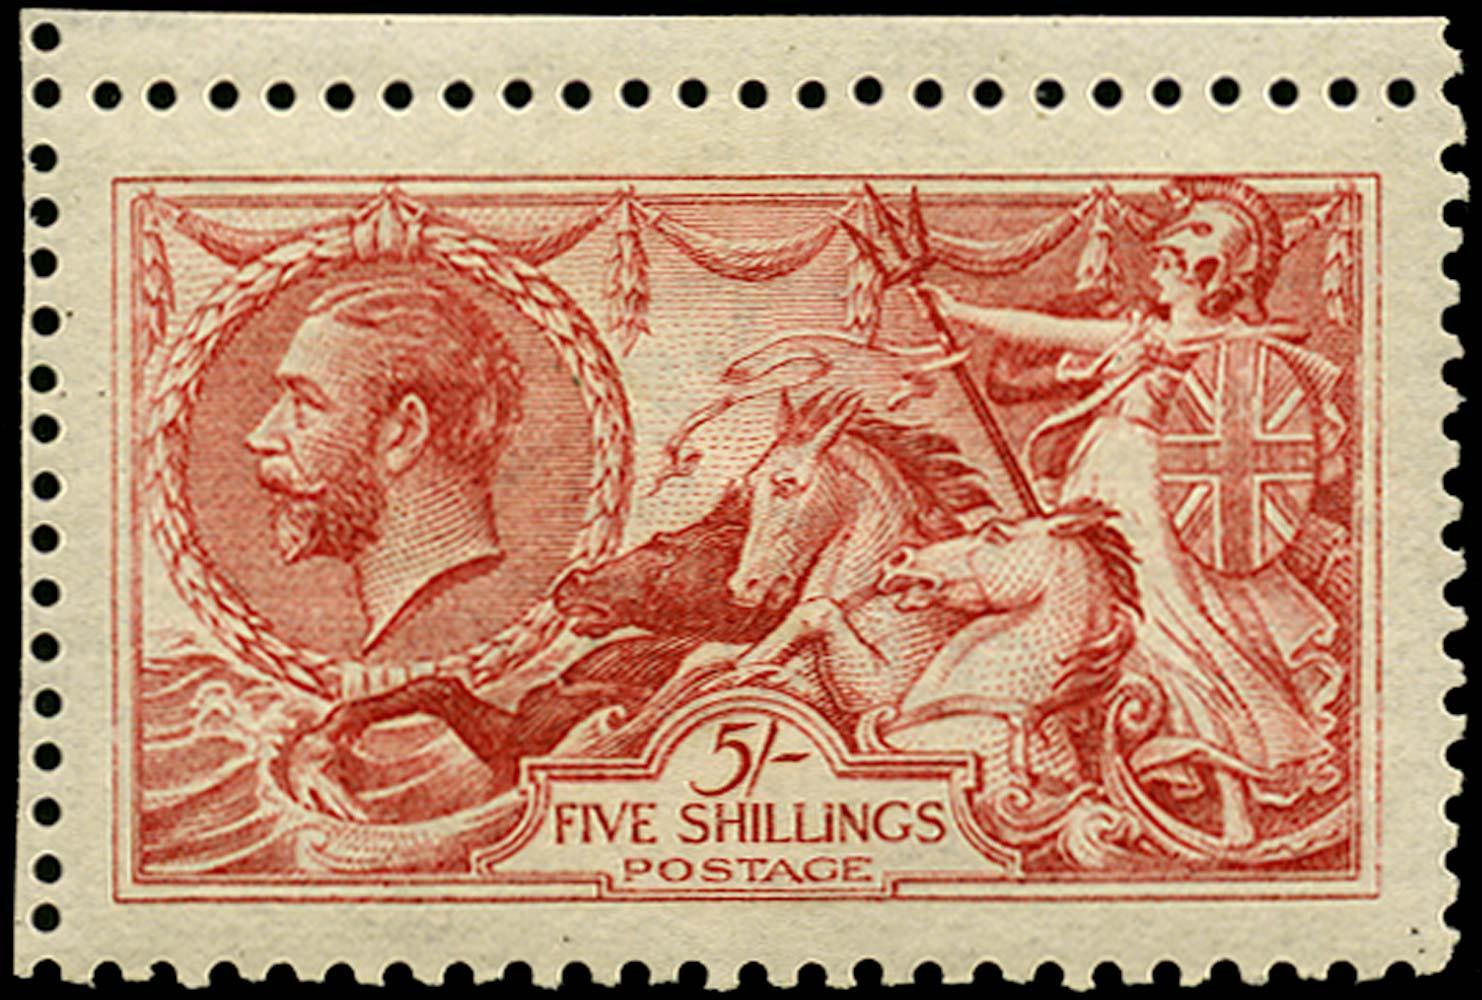 GB 1915  SG410 Mint Unused o.g. example